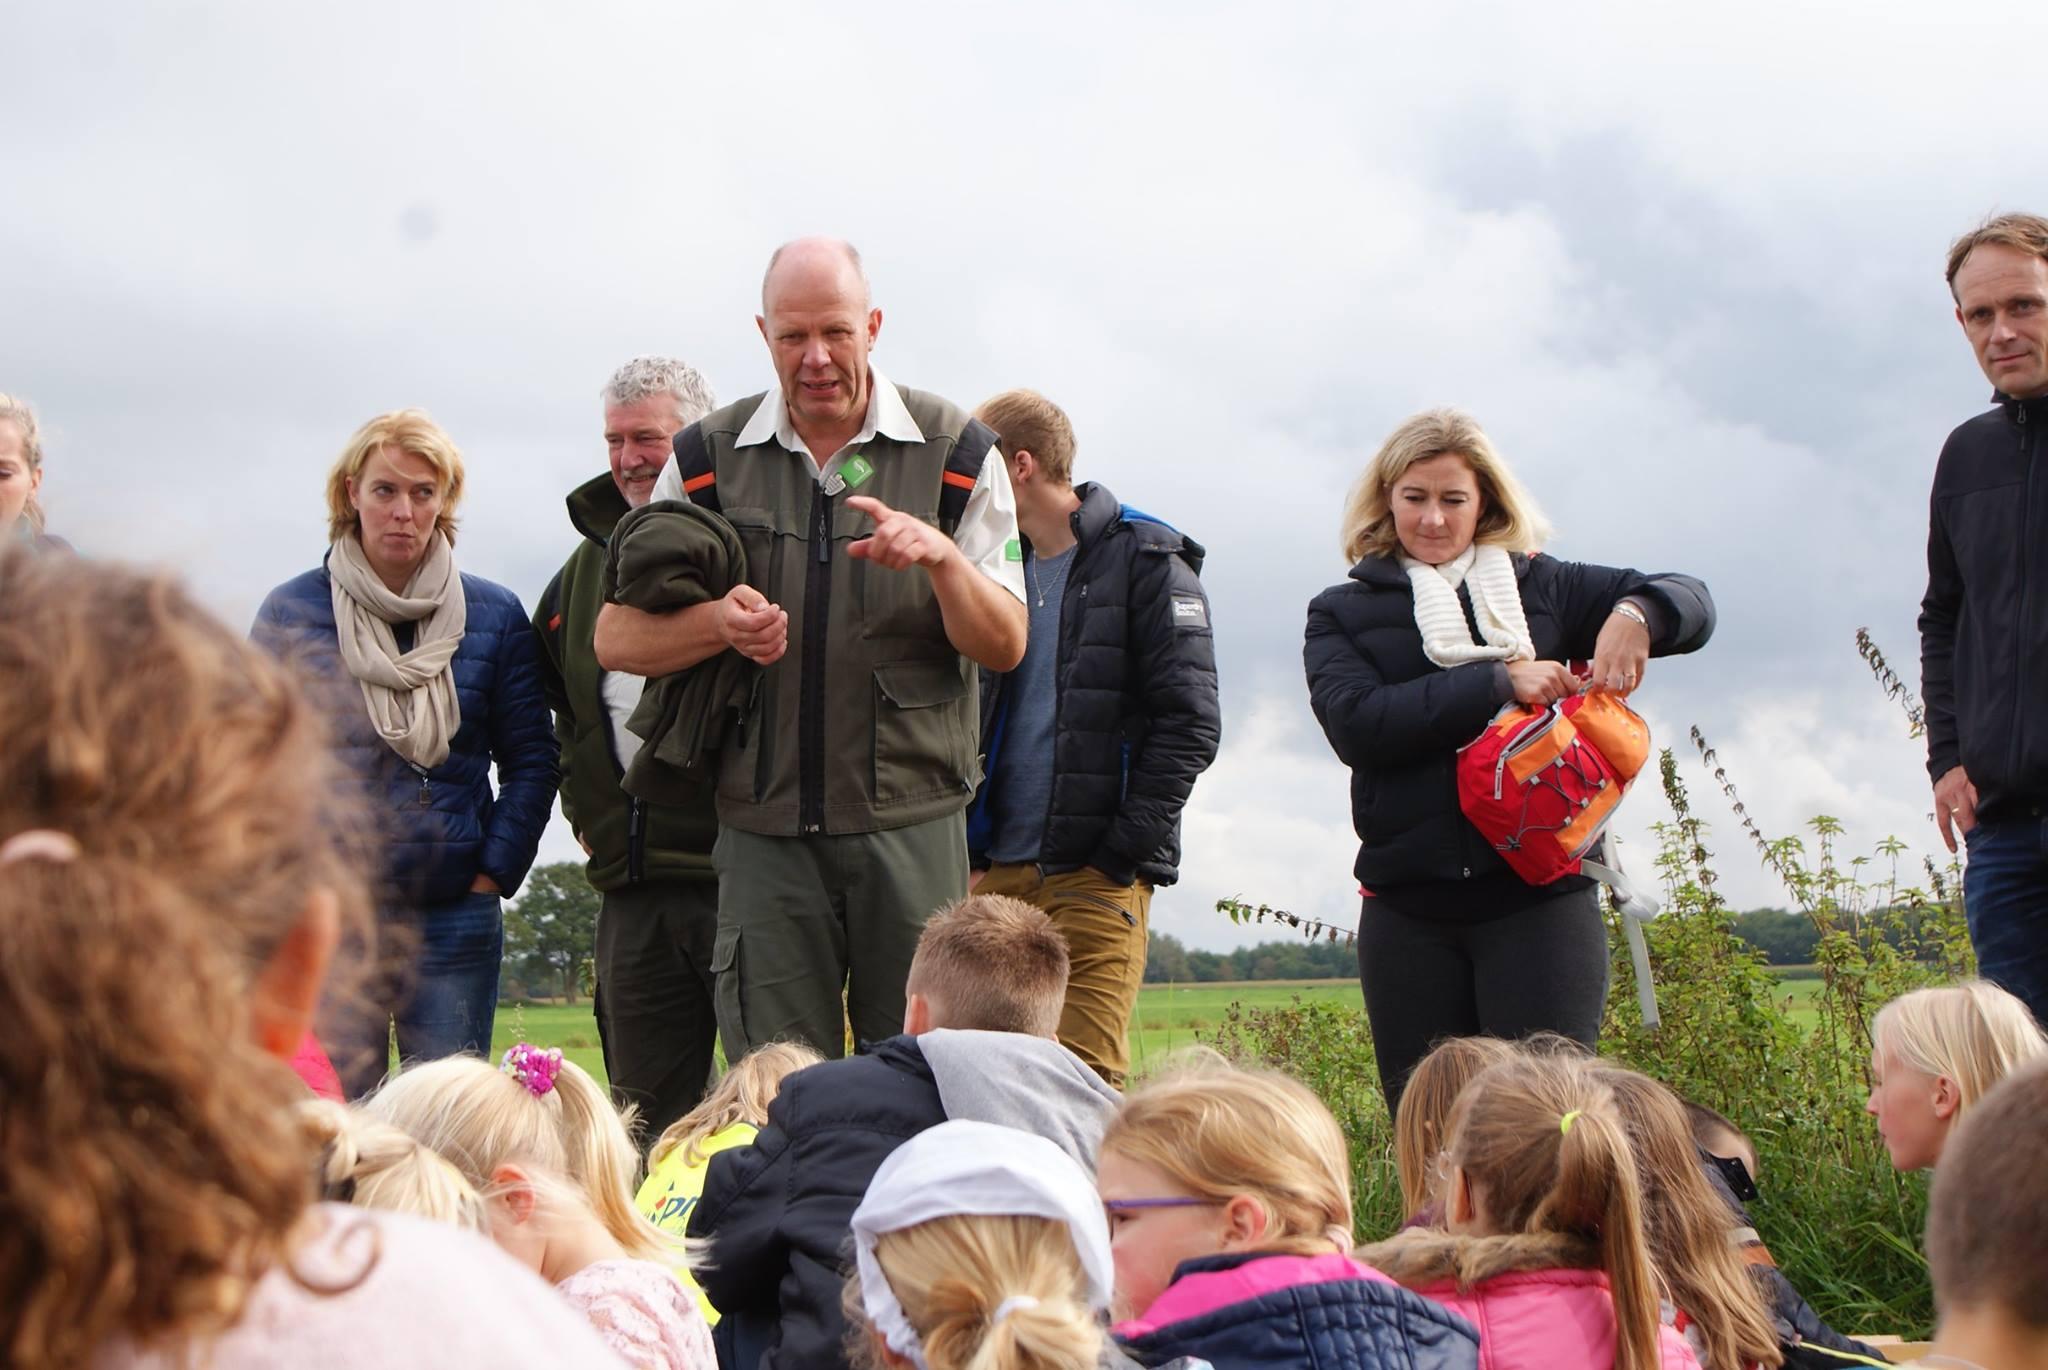 Boswachters Herman van der Meulen en Anne Visser actief met de schoolkinderen